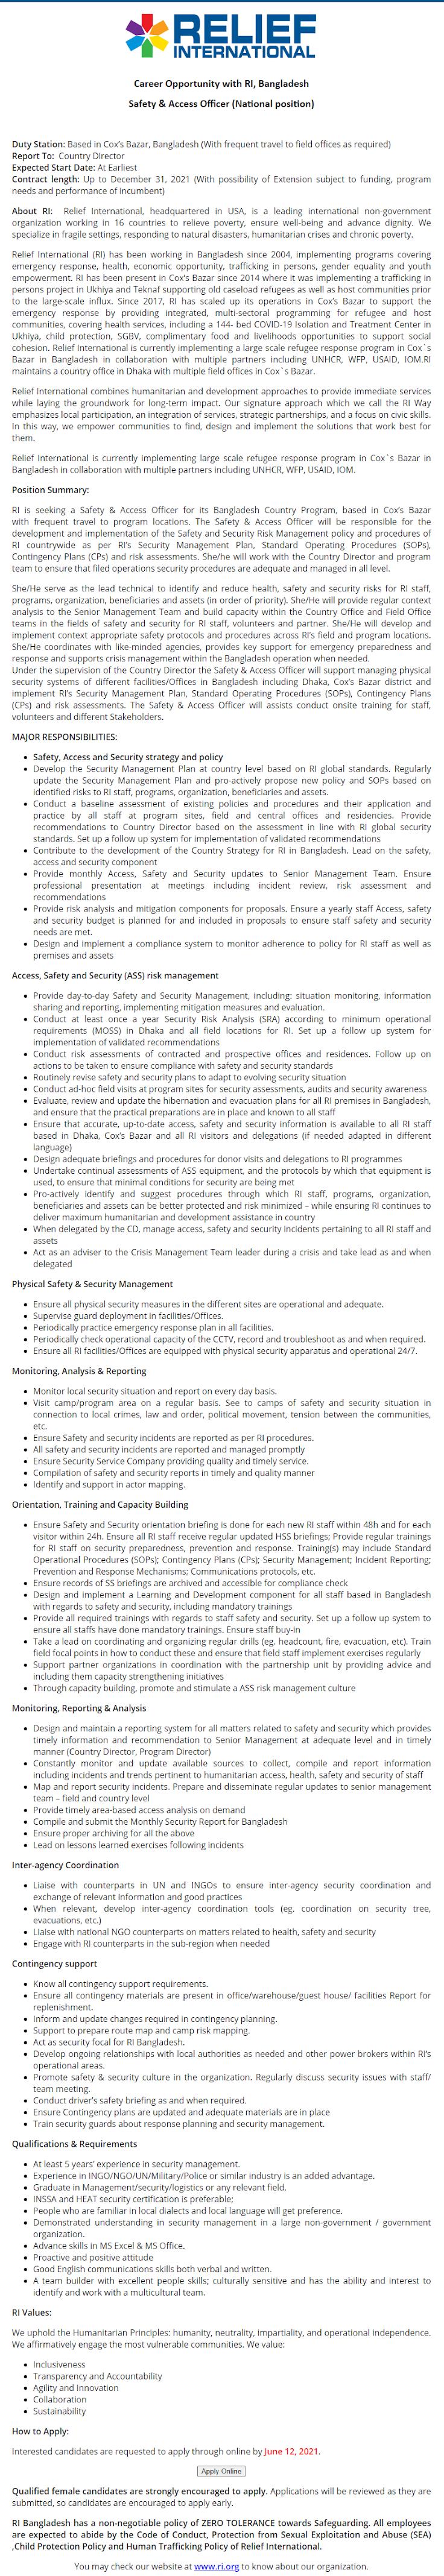 রিলিফ ইন্টারন্যাশনাল এনজিও নিয়োগ বিজ্ঞপ্তি ২০২১ - Relief International NGO Job Circular 2021